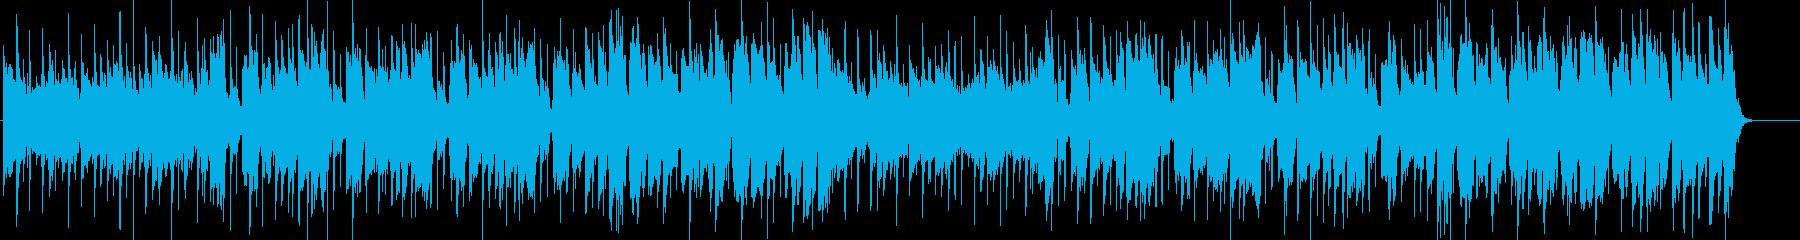 都会なイメージのソウルミュージックの再生済みの波形